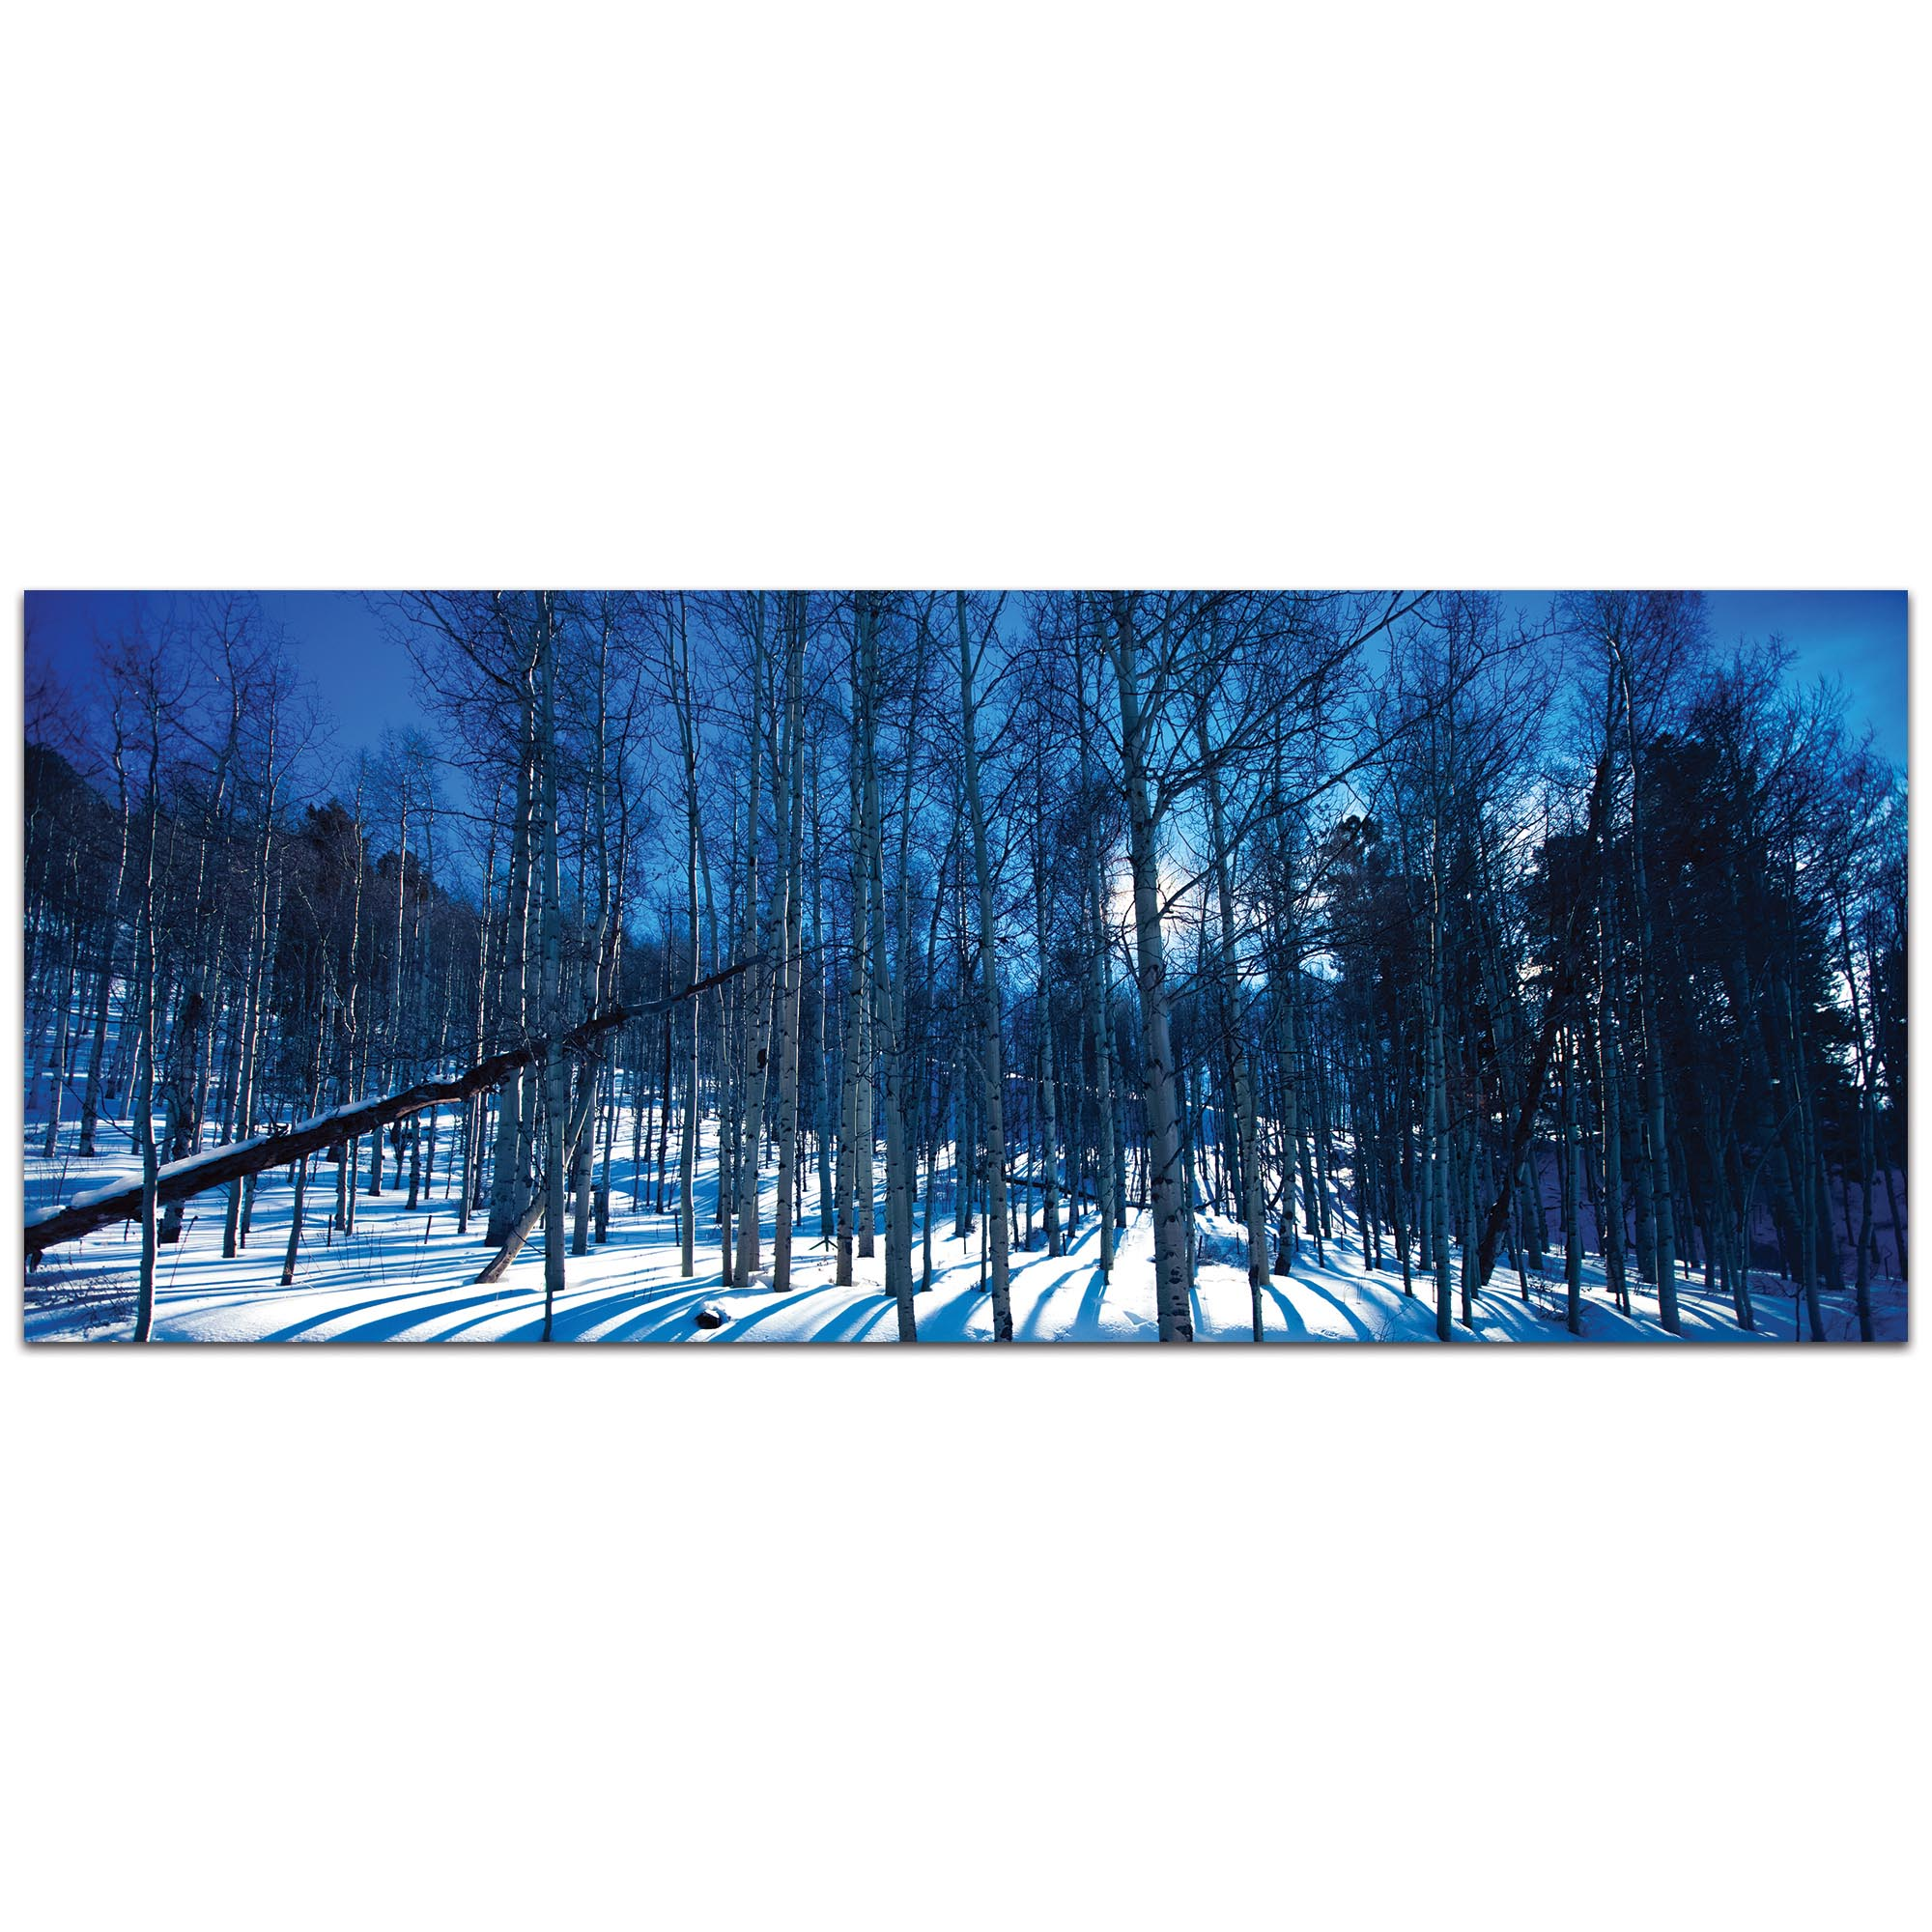 Landscape Photography 'Aspen Blues' - Winter Scene Art on Metal or Plexiglass